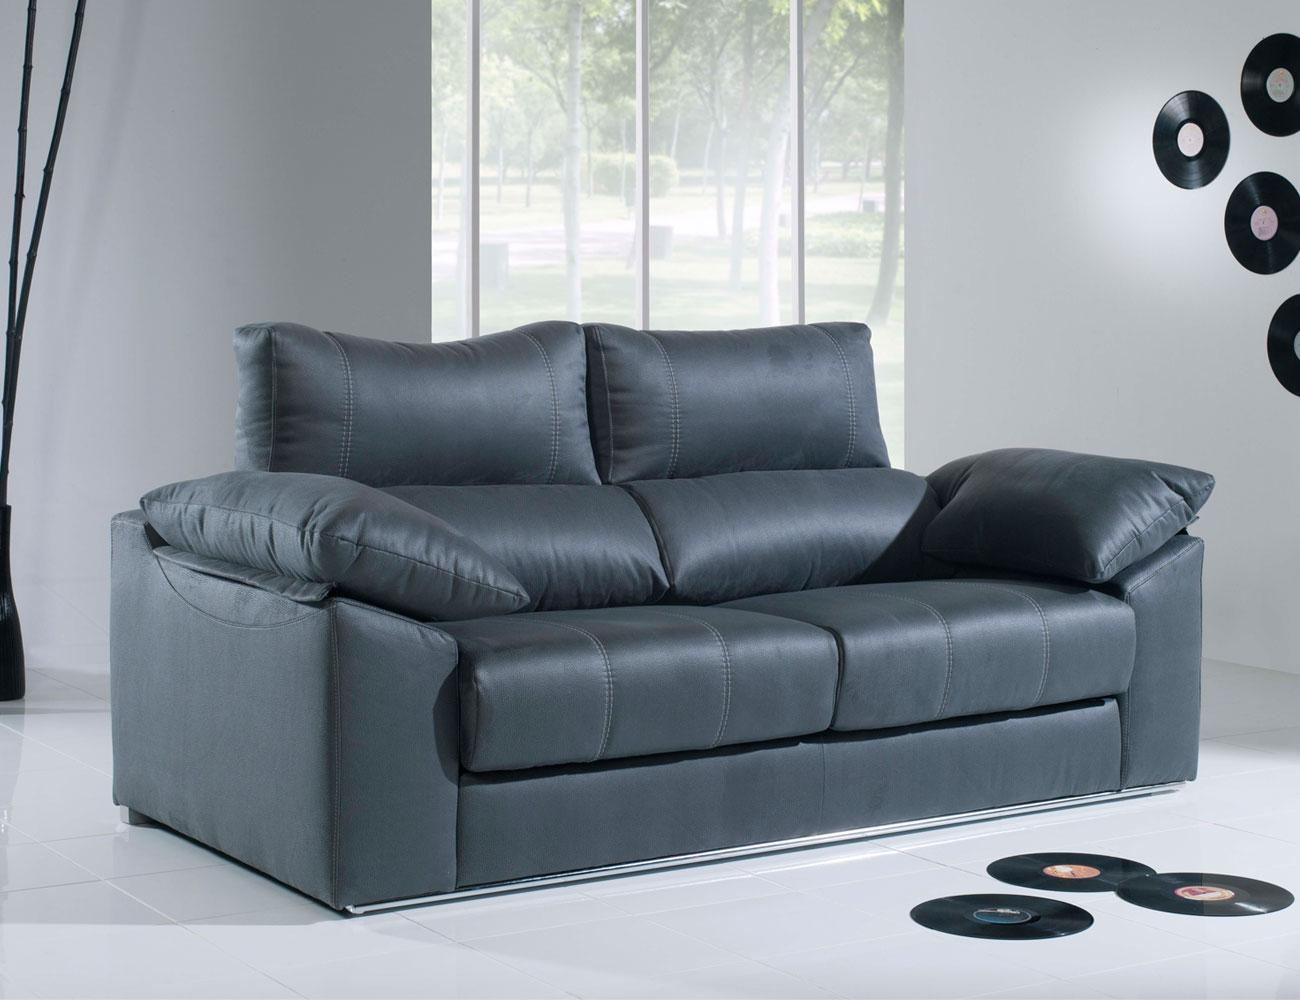 Sofa 3 plazas moderno con barra2